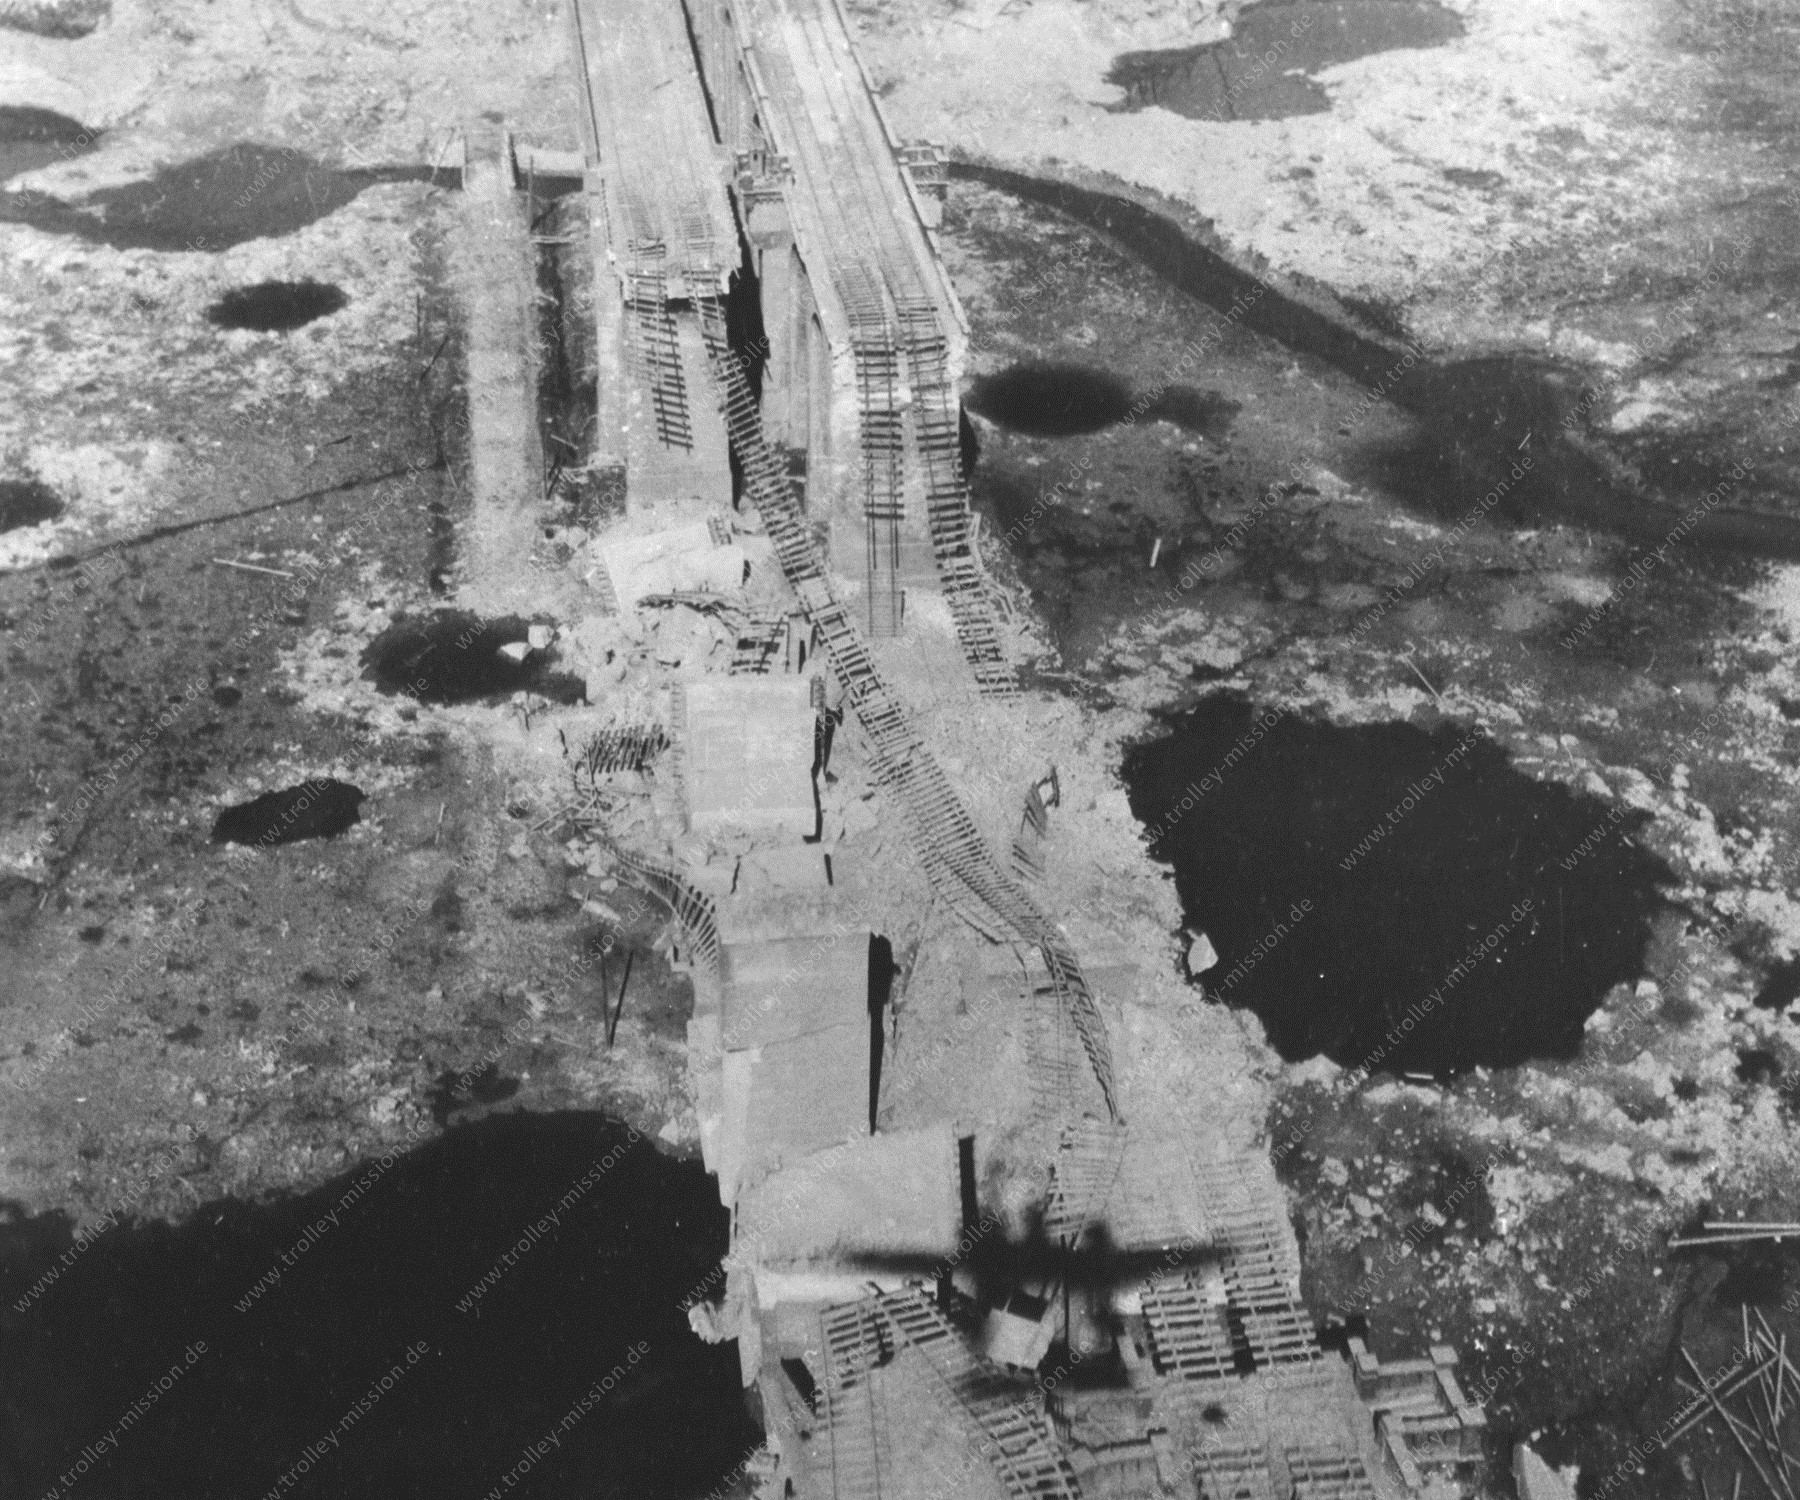 Bielefeld - Altes Foto aus dem Zweiten Weltkrieg - Schildescher Viadukt nach den Fliegerbomben